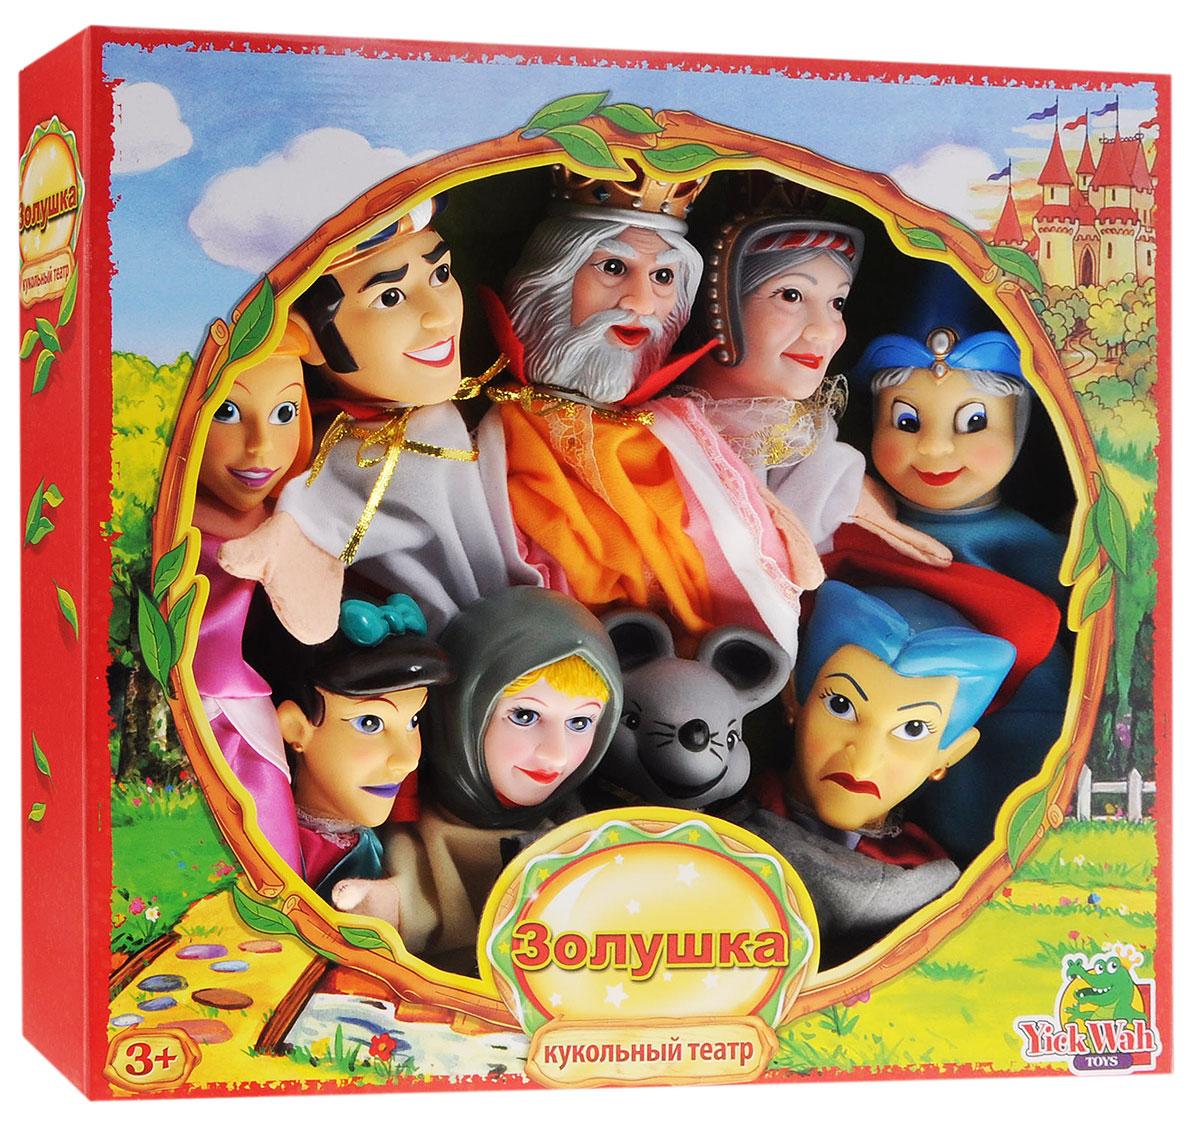 Yick Wah Кукольный театр Золушка7142S/4Почему бы не устроить представление у себя дома, используя куклы-перчатки? С кукольным театром Yick Wah Золушка малыш сможет быть не только зрителем, но и участником представления с собственным сюжетом. Набор состоит из куколок, которые одеваются на руку. Головы кукол выполнены из полимера, а туловища и руки из текстиля, у каждого героя свой очень красивый наряд. Куклы обладают высокой степенью прочности и безопасности и могут использоваться для игры даже с самыми маленькими детками. Кукольный театр развивает ребенка и делает его более яркой, гармоничной личностью. Ведь в театральных постановках малыш может реализовать свои творческие и актерские таланты, научится красиво говорить и двигаться, улучшит моторику рук и координацию движений. А какое огромное количество позитивных эмоций дарит театр.